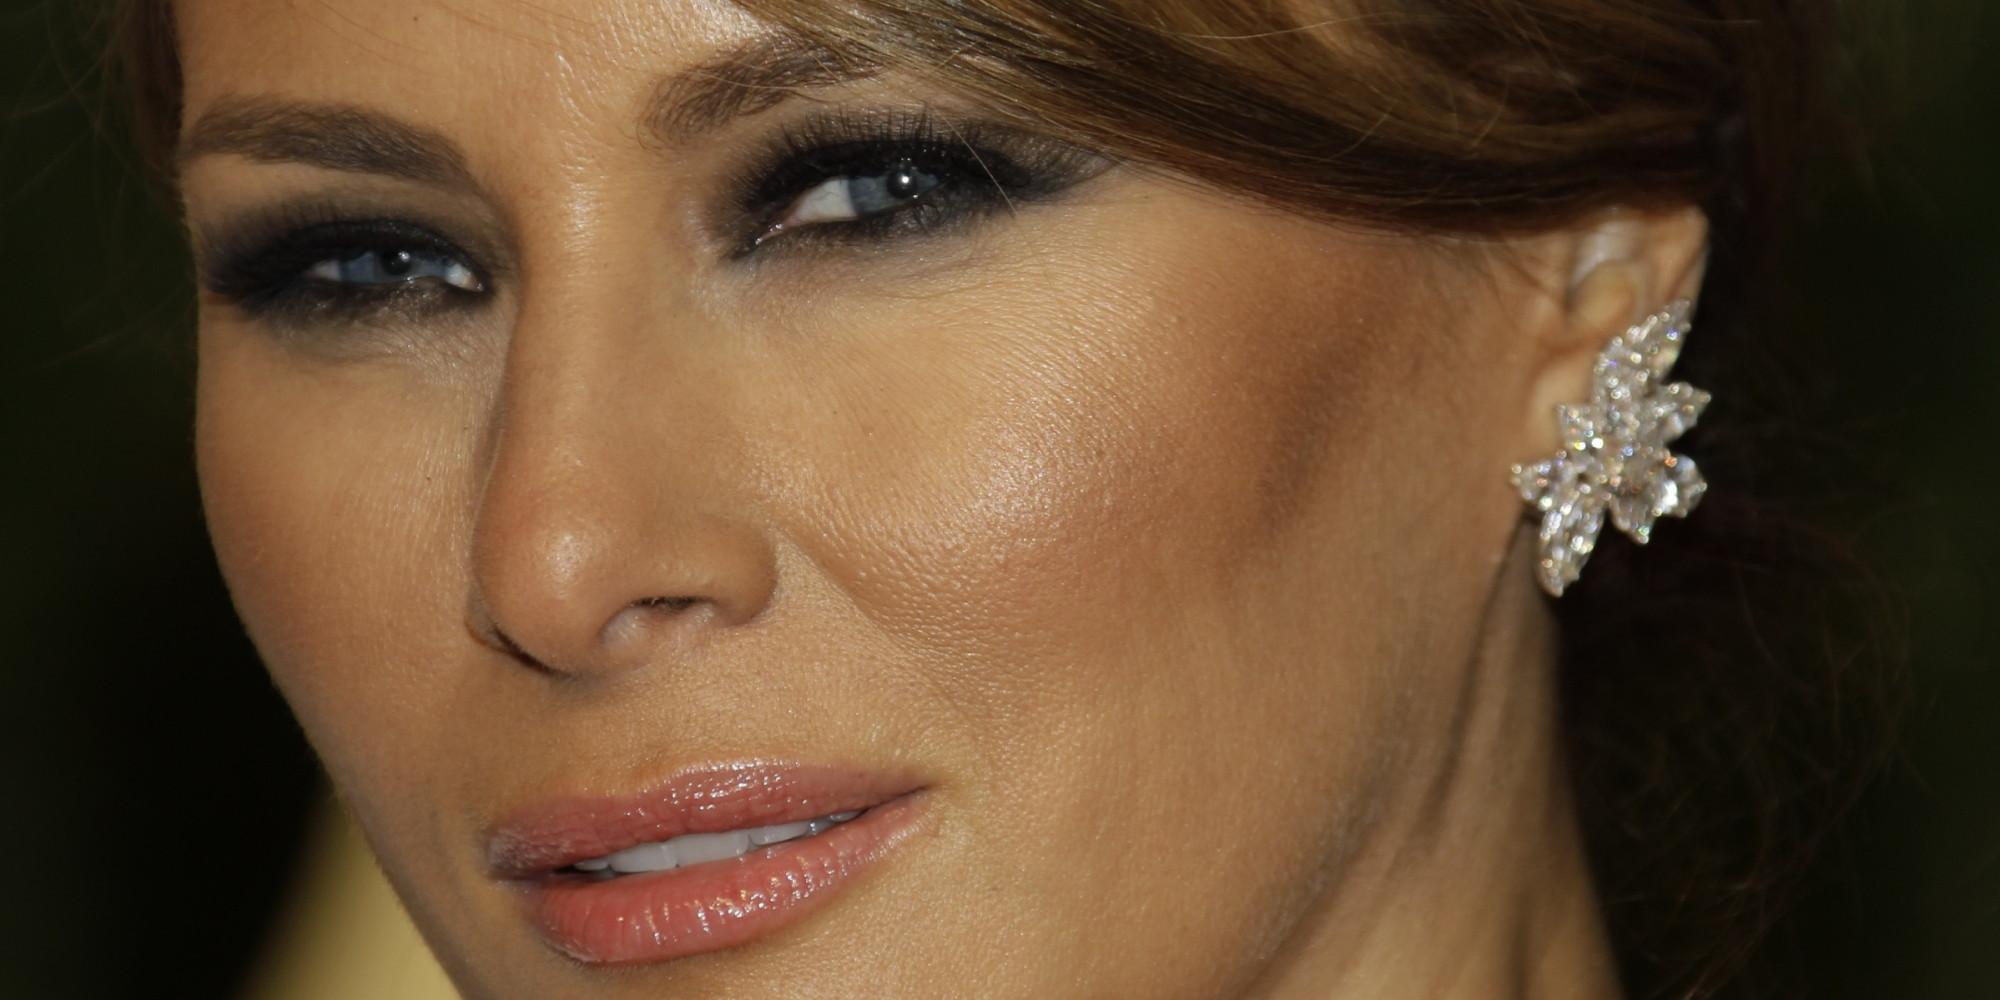 nude (27 photo), Selfie Celebrity image